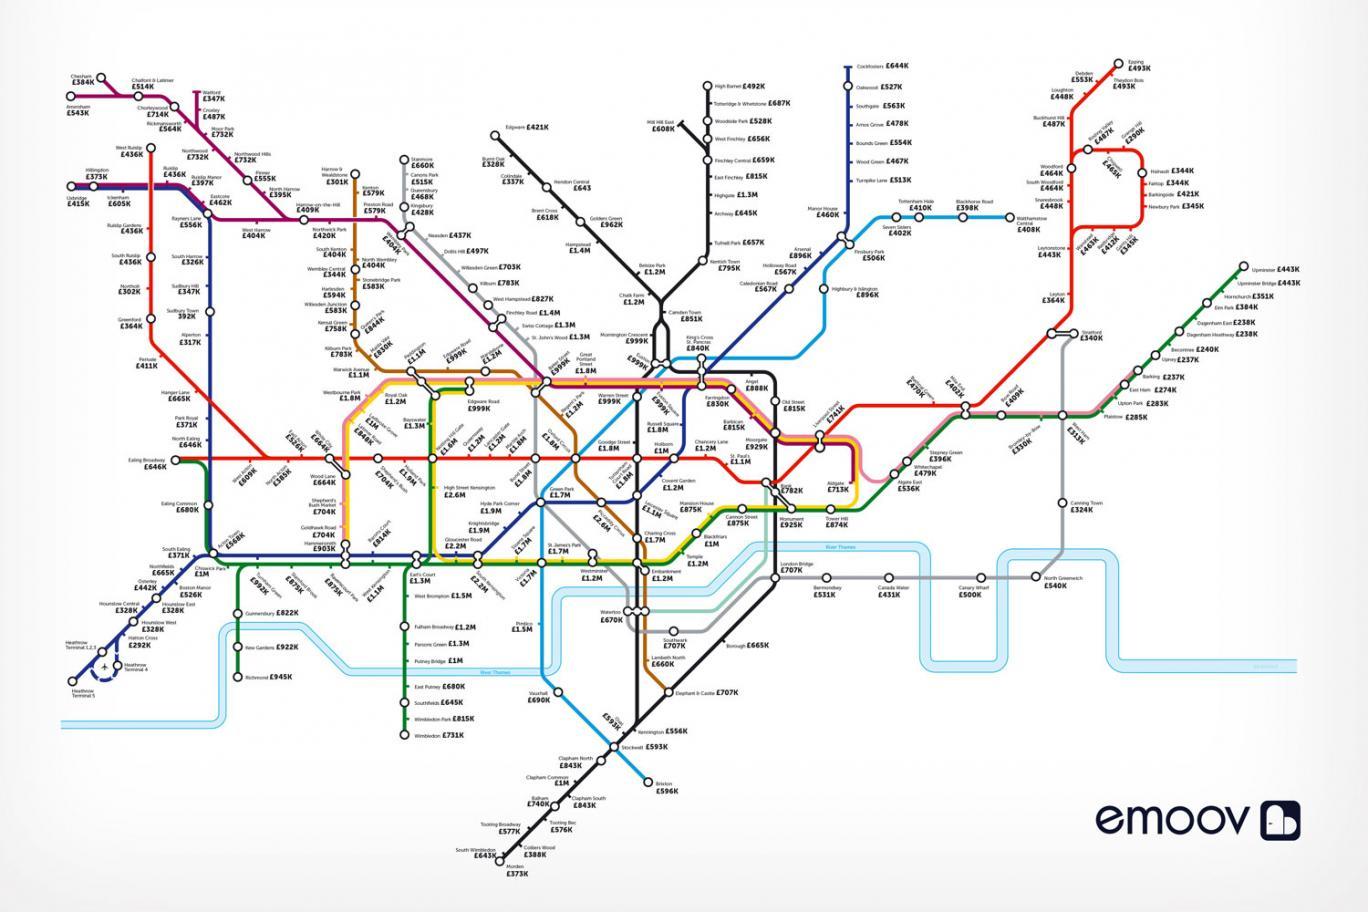 tube-map-emoov